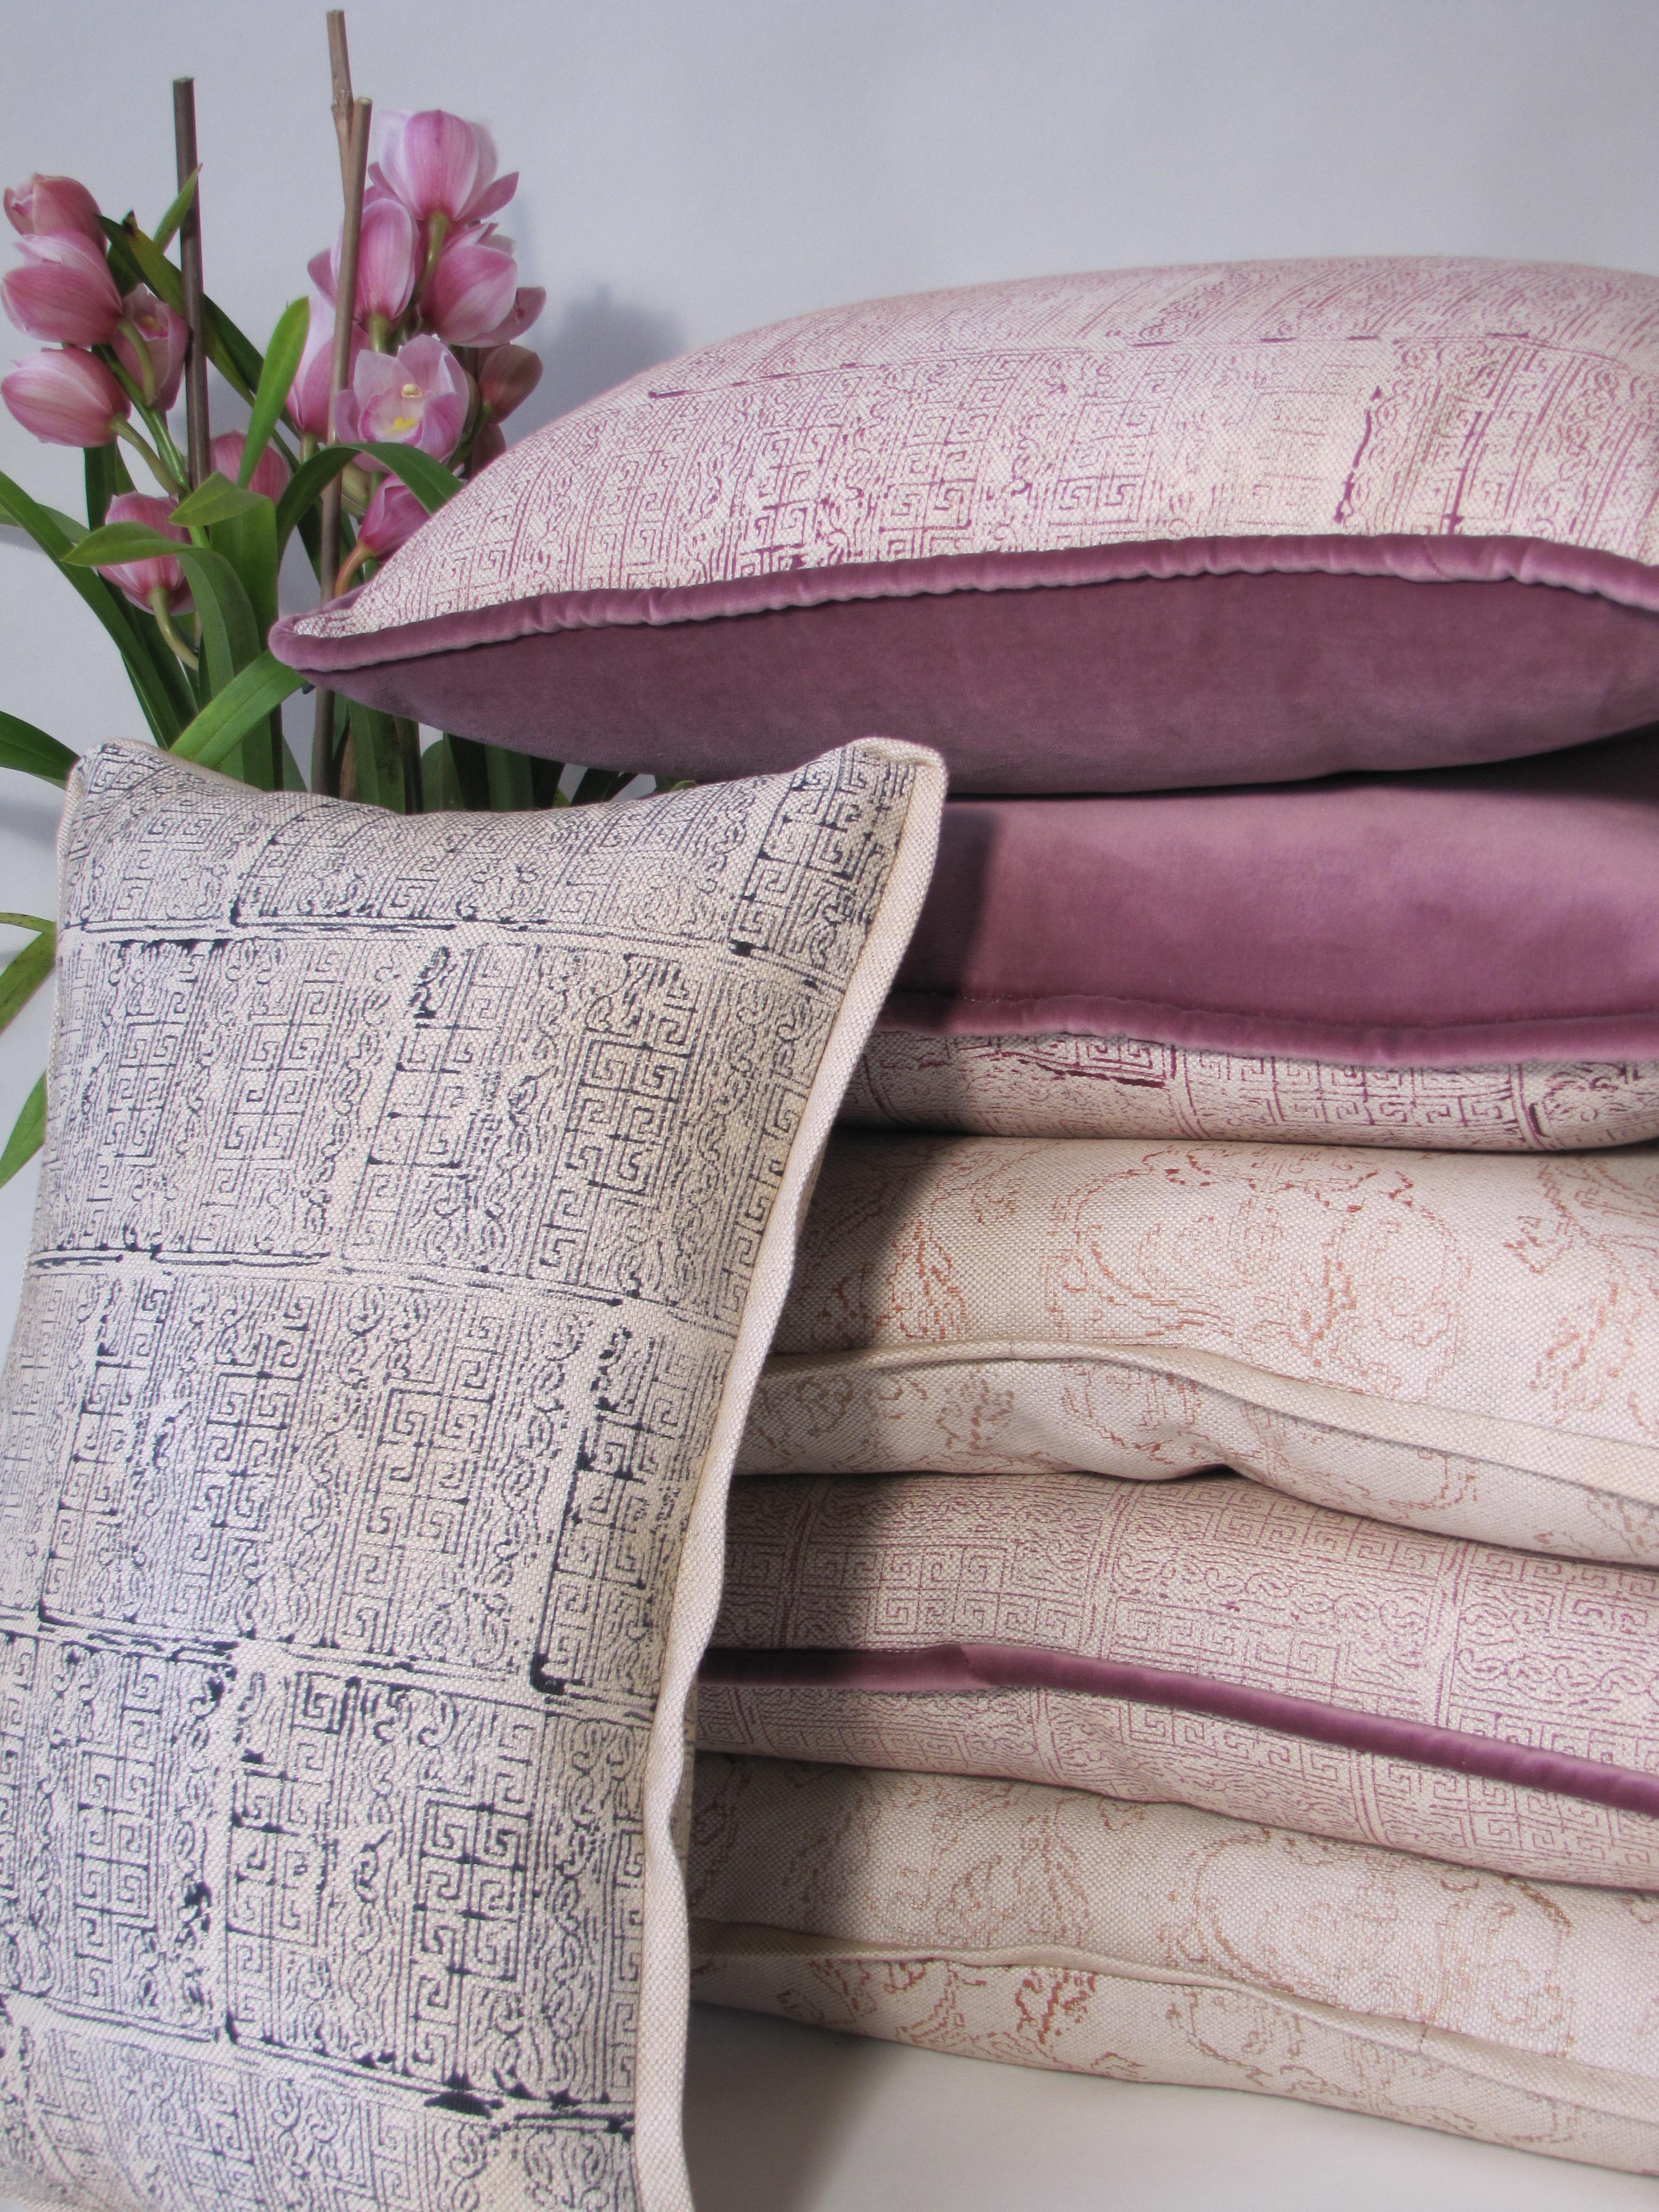 Paisley Key & Pheasant Lace Pillows